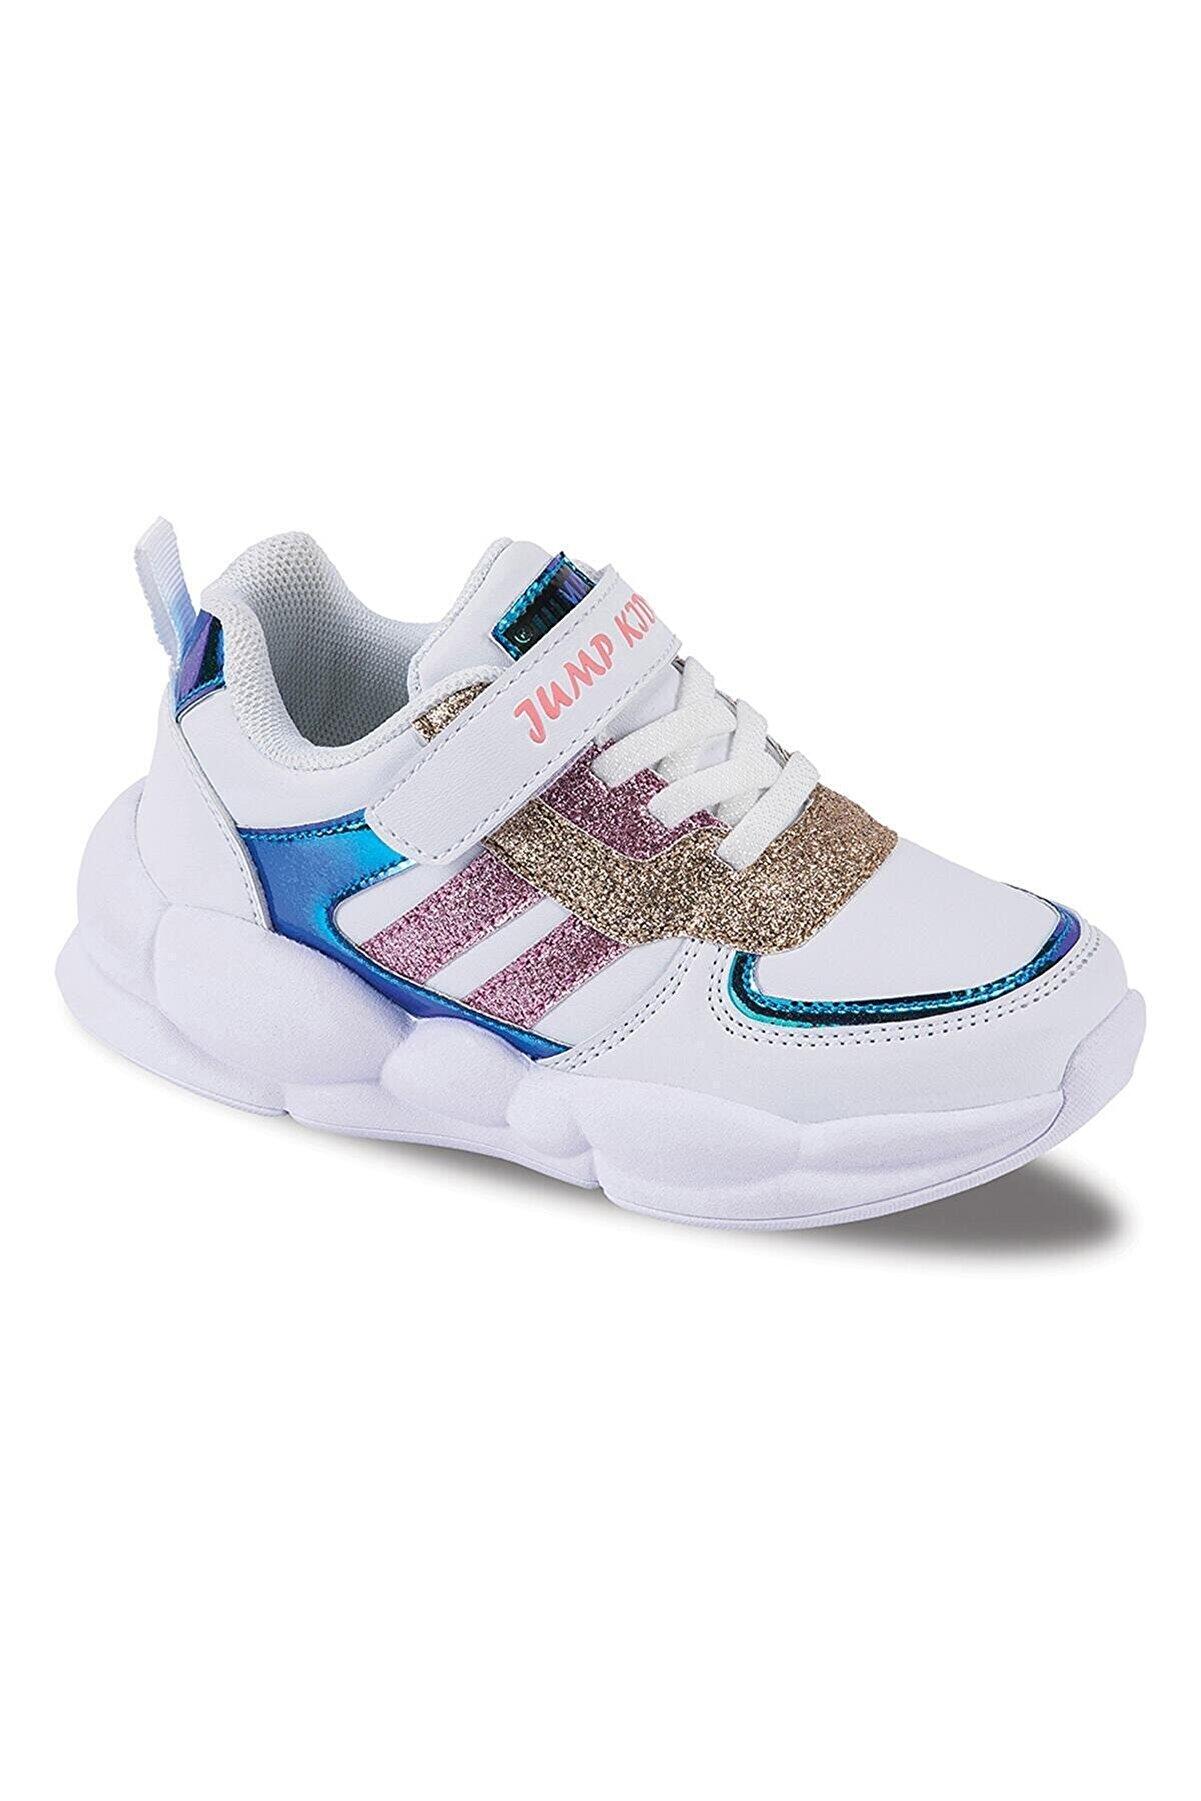 Jump 25962 Beyaz Kız Çocuk Spor Ayakkabı Beyaz-28